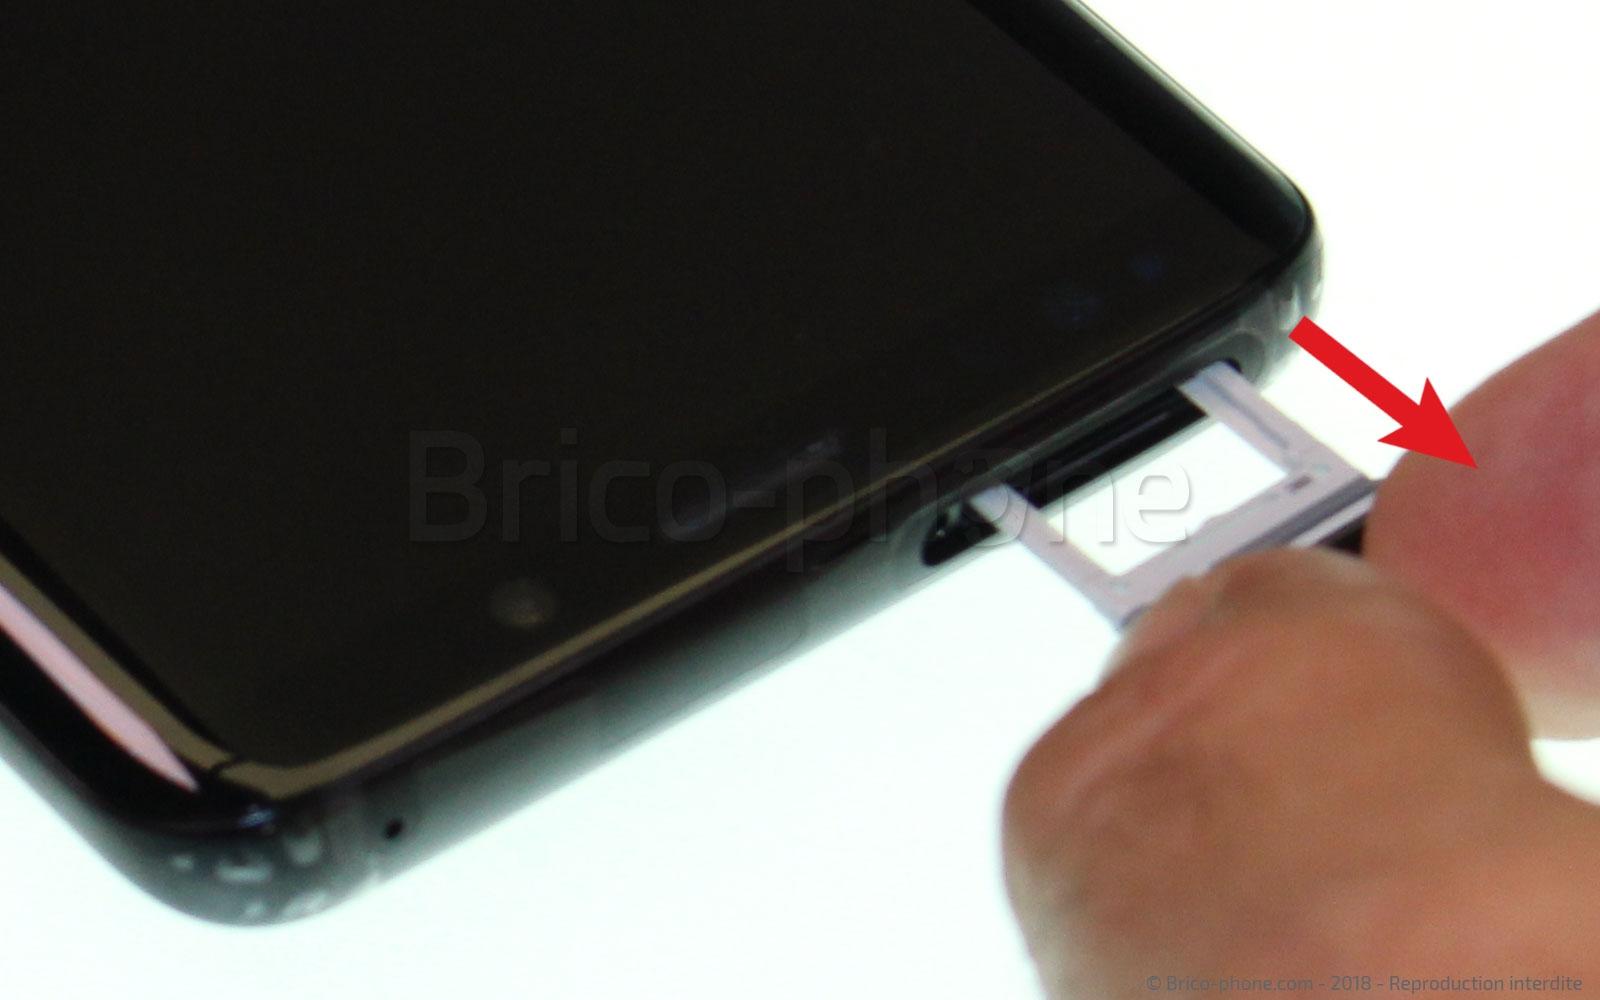 Etape 1 : Préparer le S9 pour la réparation